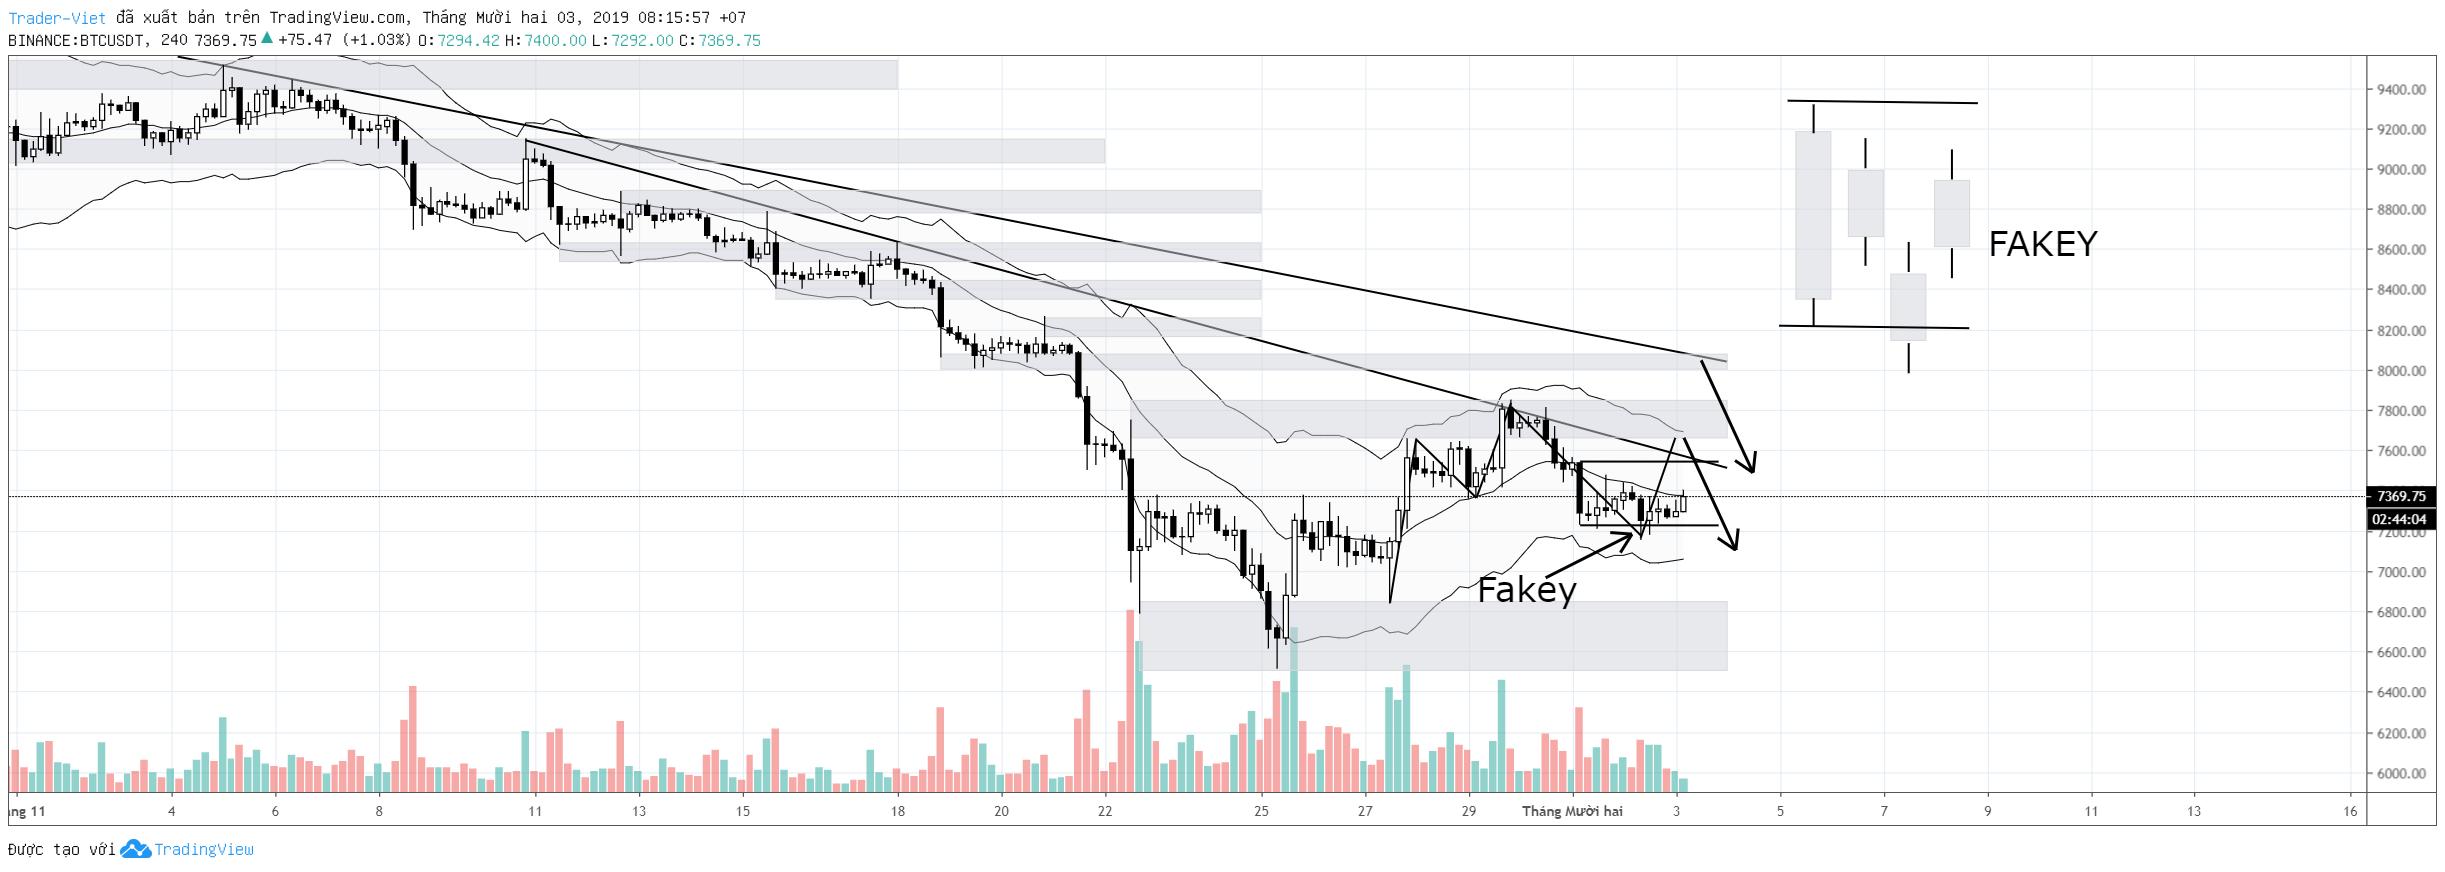 phan-tich-bitcoin-h4-traderviet.